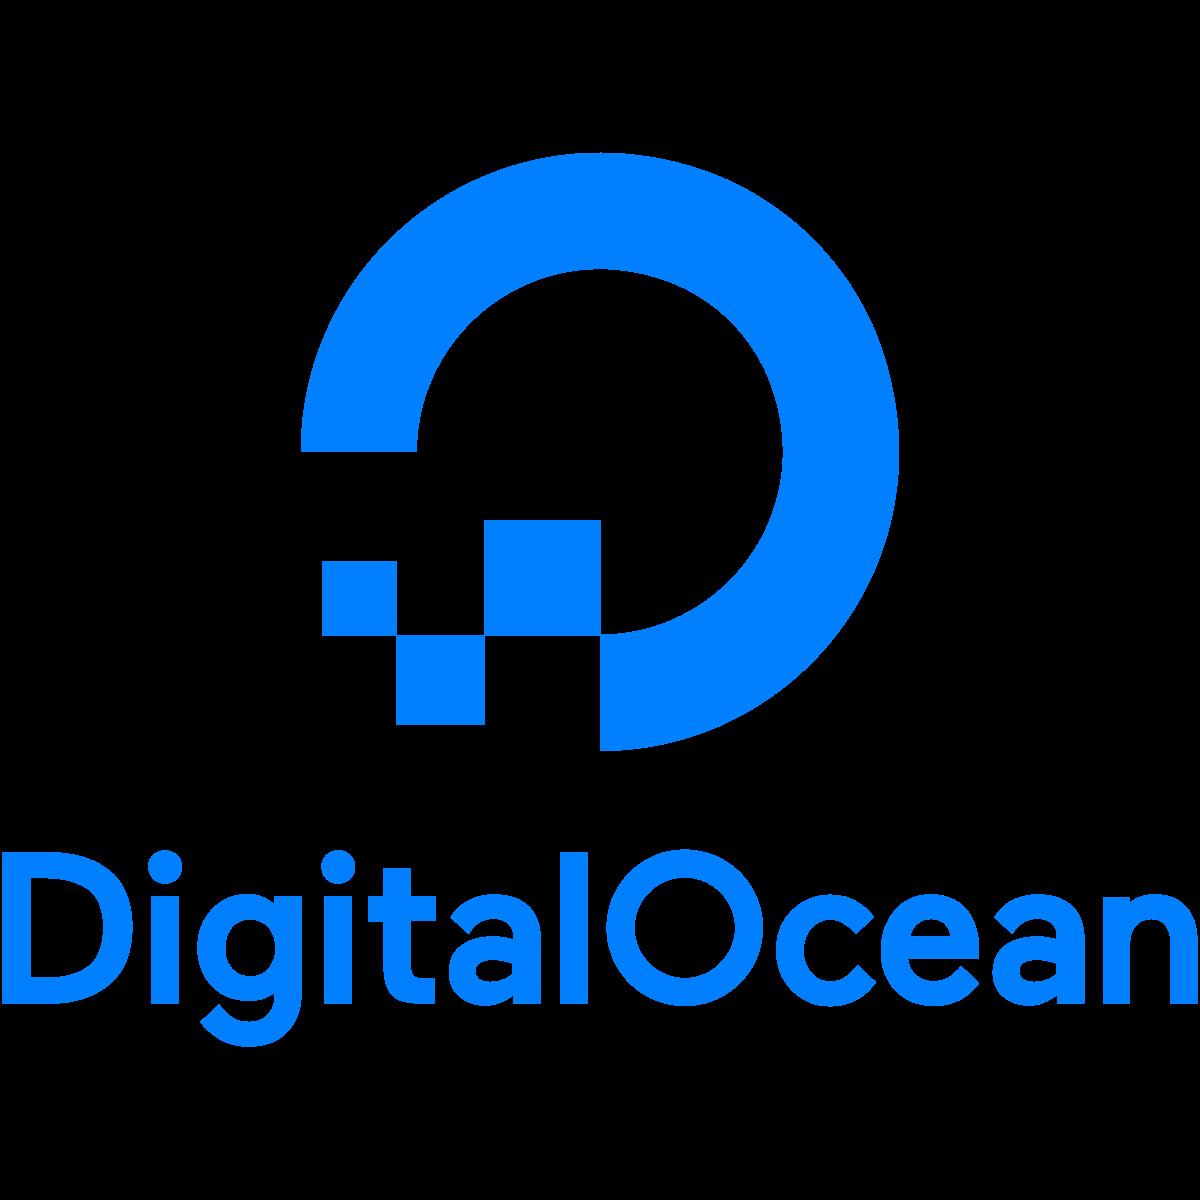 用DigitalOcean VPS在国外建站,并保持99.98%+的国内外在线率